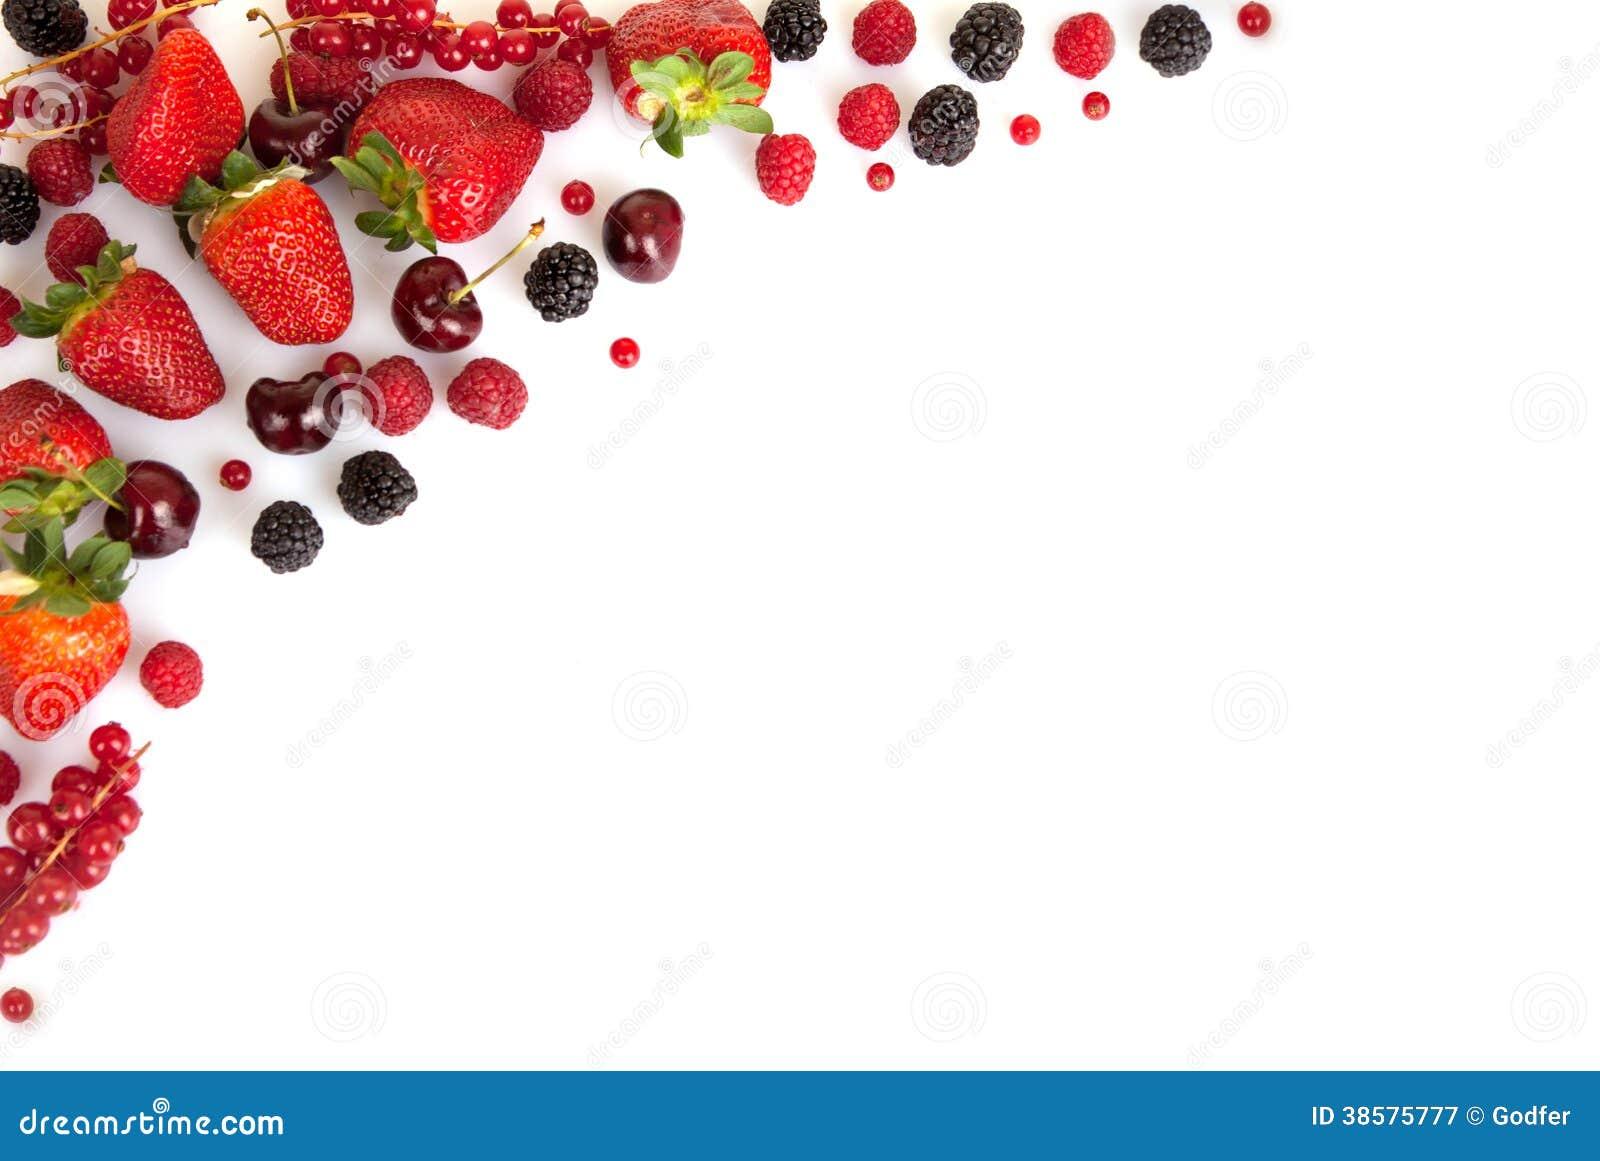 Pagina il confine o il bordo dei frutti freschi rossi dell estate